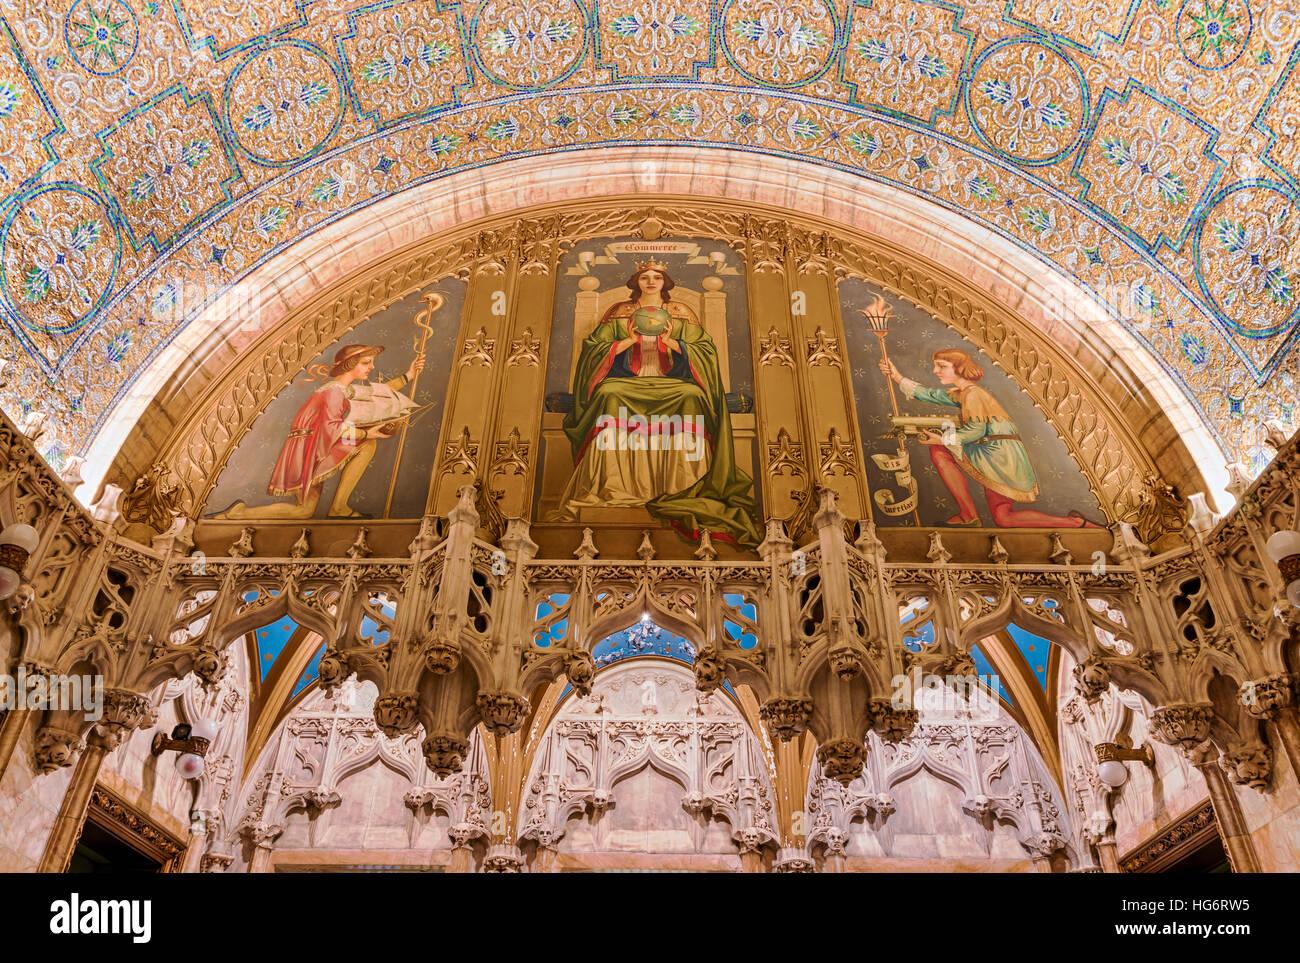 Detalles arquitectónicos al interior del vestíbulo del Edificio Woolworth landmarked en Nueva York, diseñado Imagen De Stock